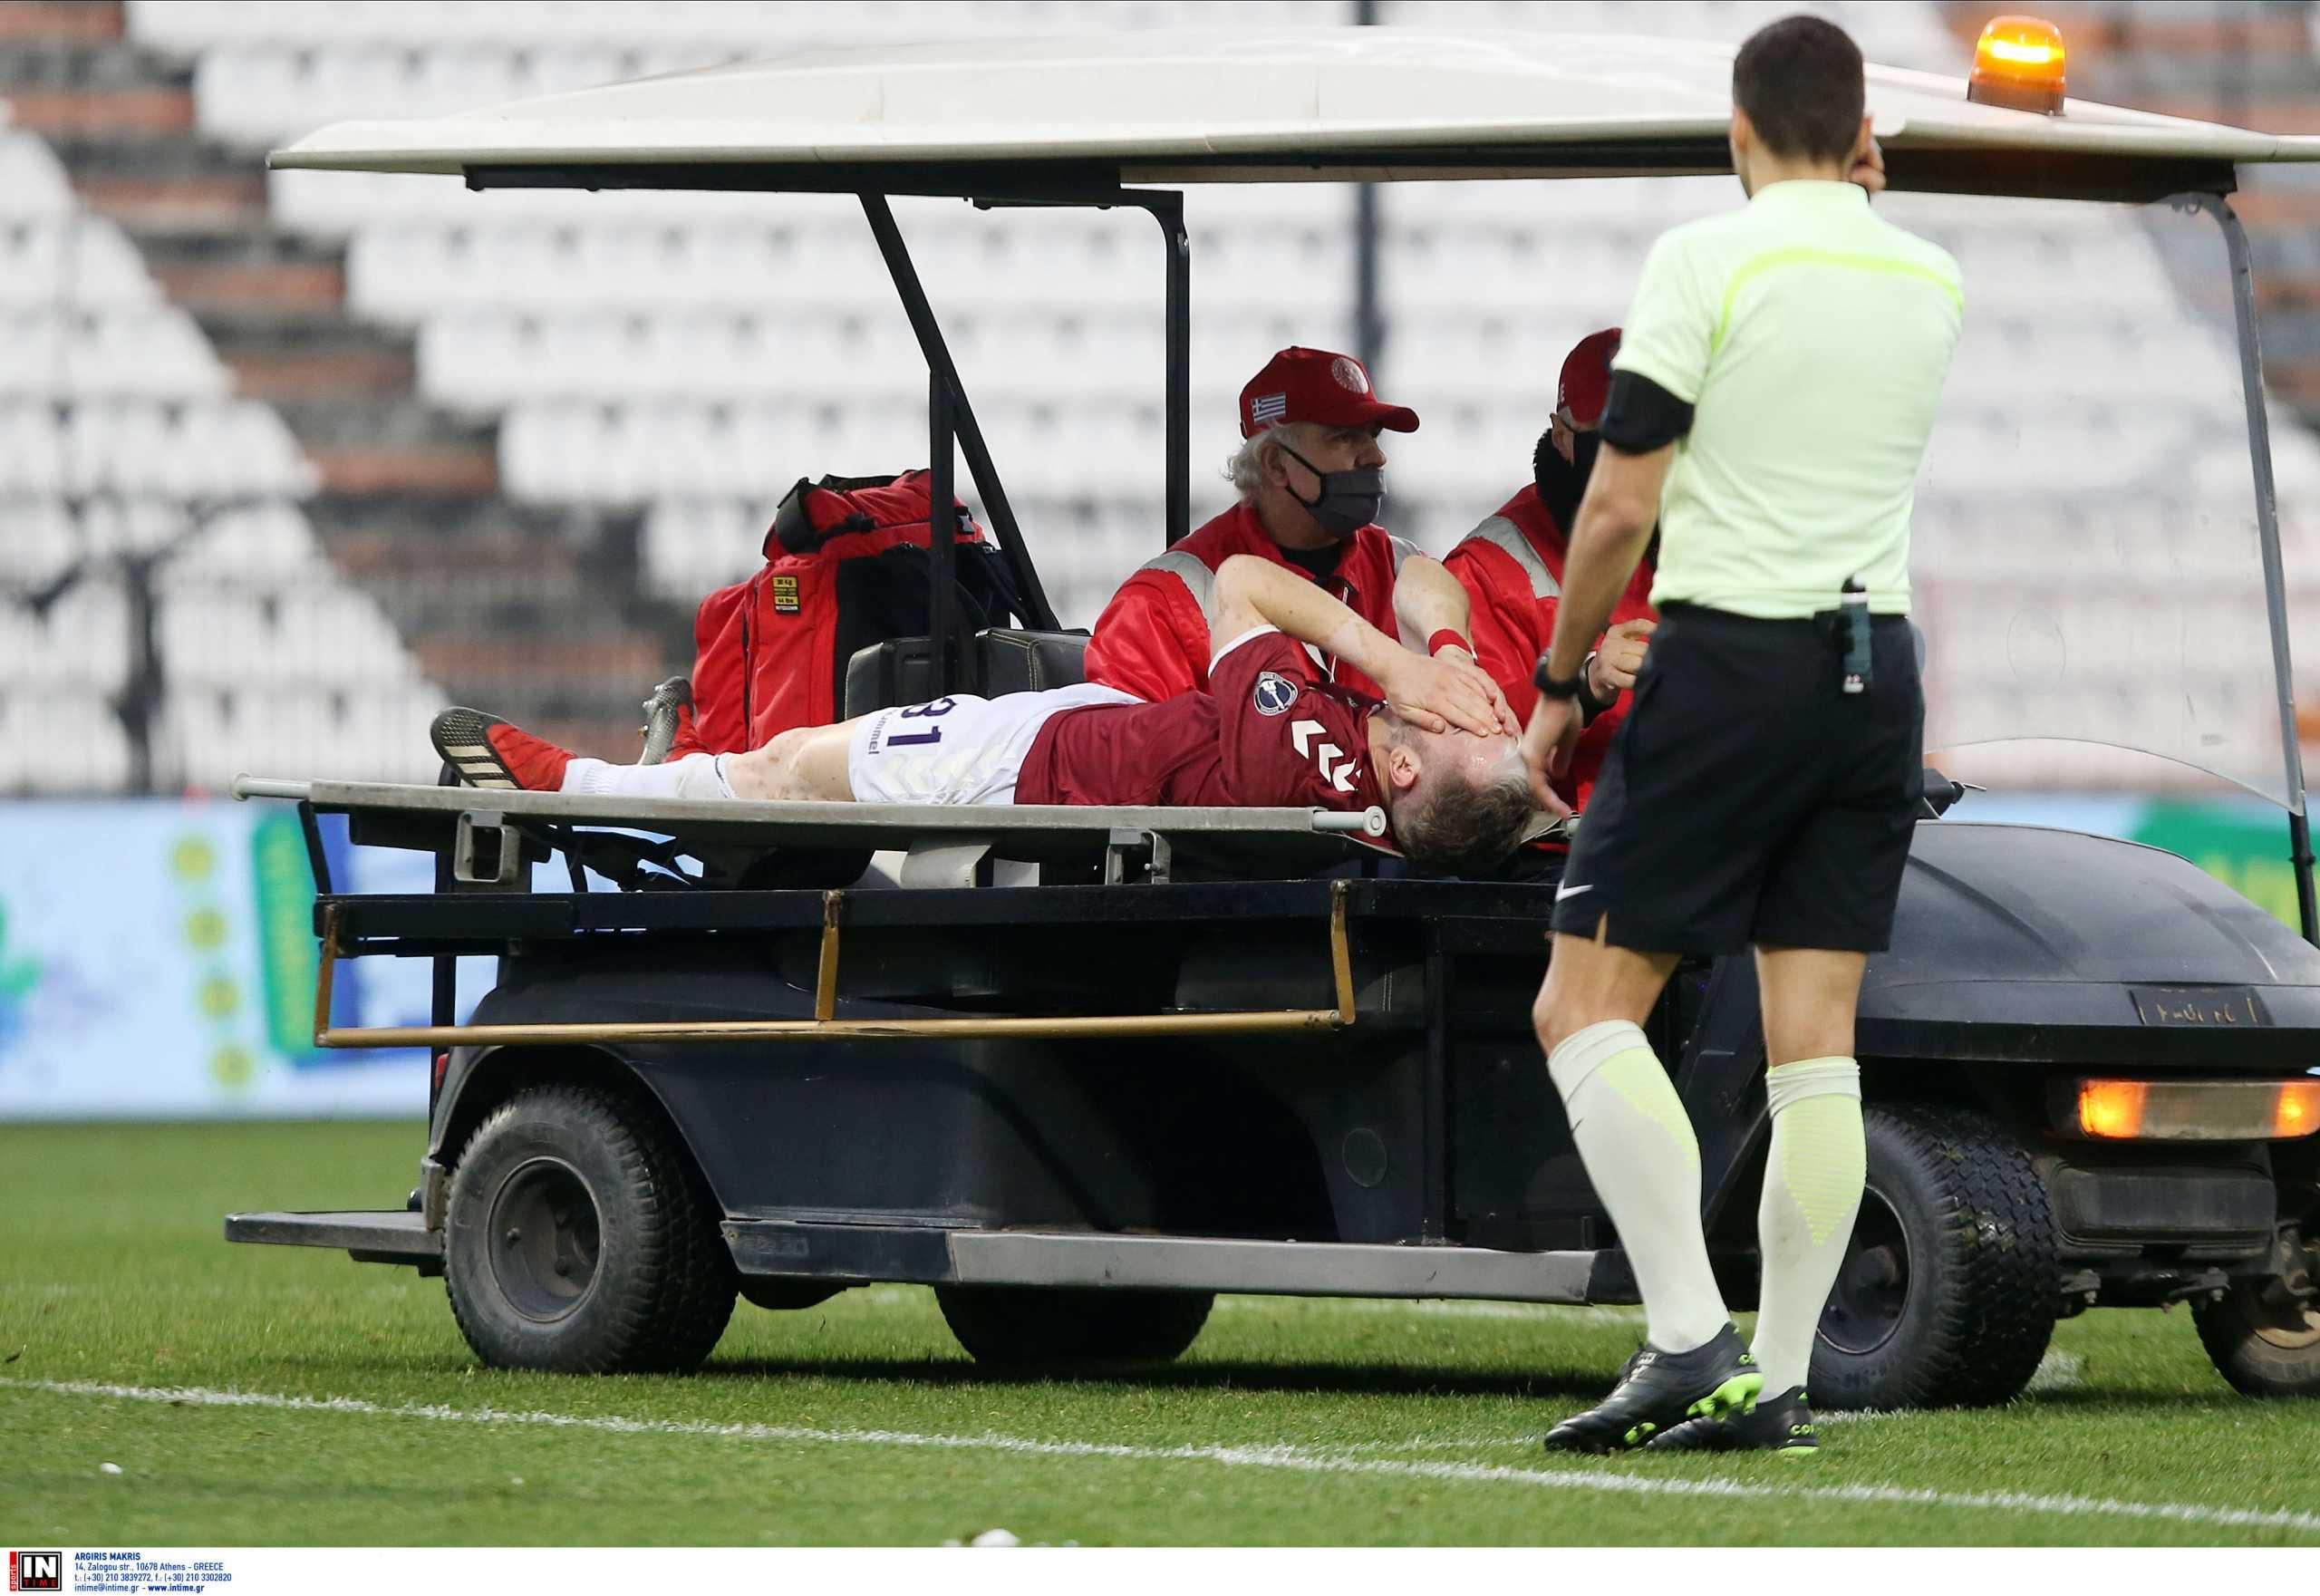 ΠΑΟΚ – Απόλλωνας: Σοβαρός τραυματισμός για Βιτλή, φώναζε ότι έσπασε το πόδι του (video)